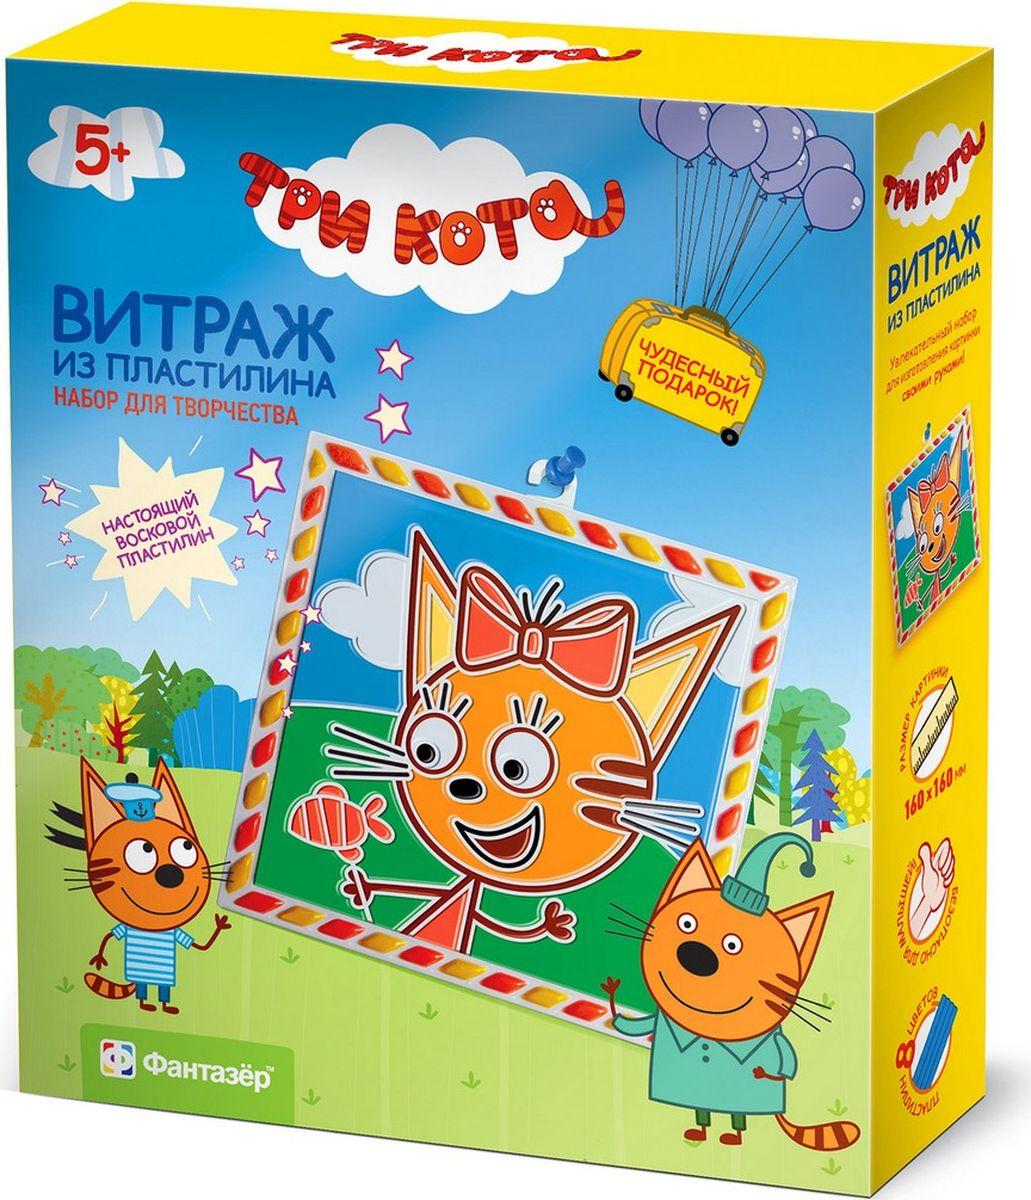 Фантазер Витражный пластилин Три кота Карамелька405111Создание витража из пластилина нравятся и детям, и взрослым, которые им помогают. Это не только увлекательно, но и полезно. В набор входит: пластиковая форма, комплект пластилина из 8 цветов, инструкция, пластиковый крючок, двухсторонний скотч.